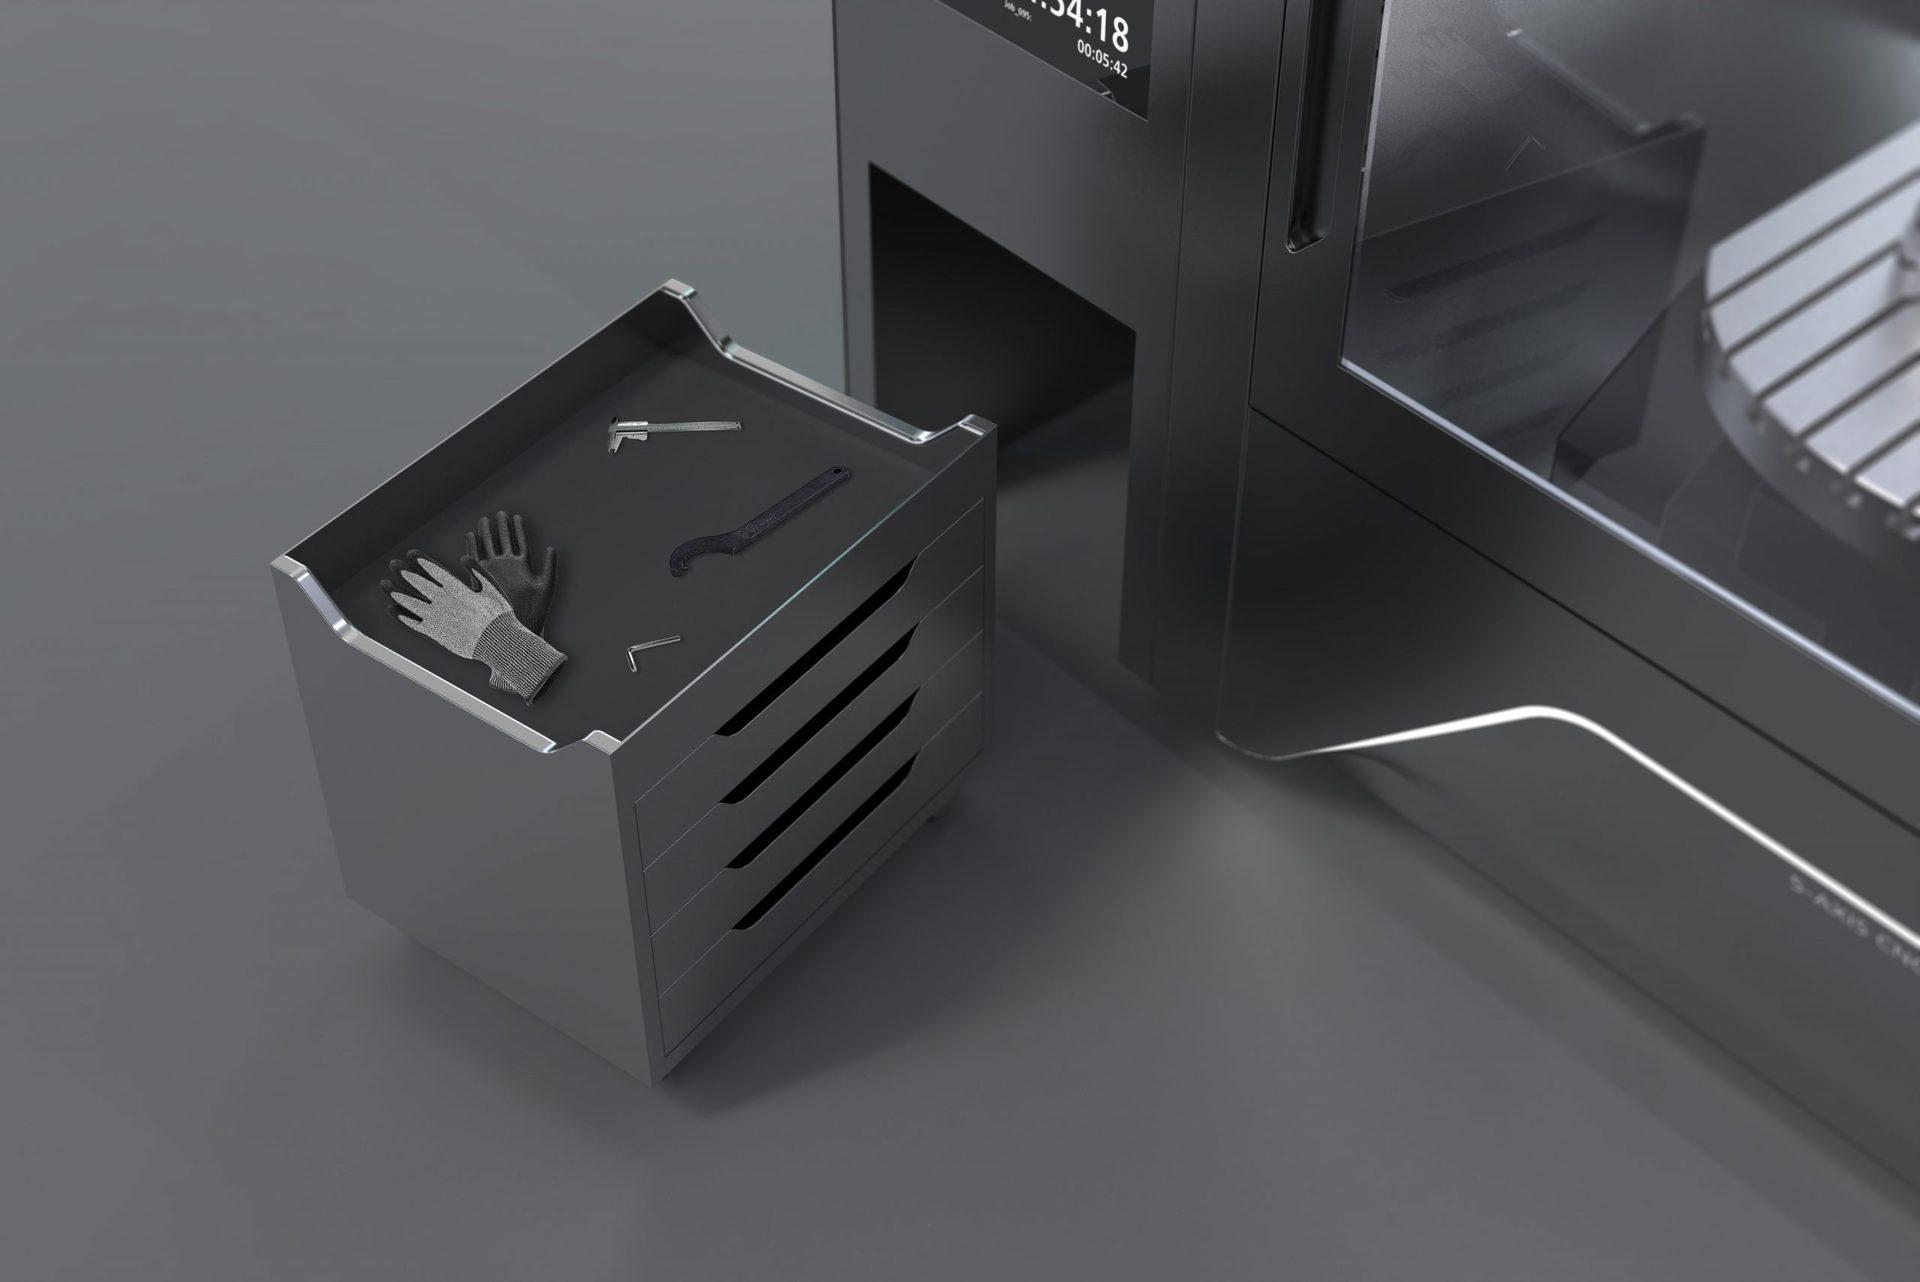 projekter_industrial_design_bearbeitungszentrum_werkzeugwagen